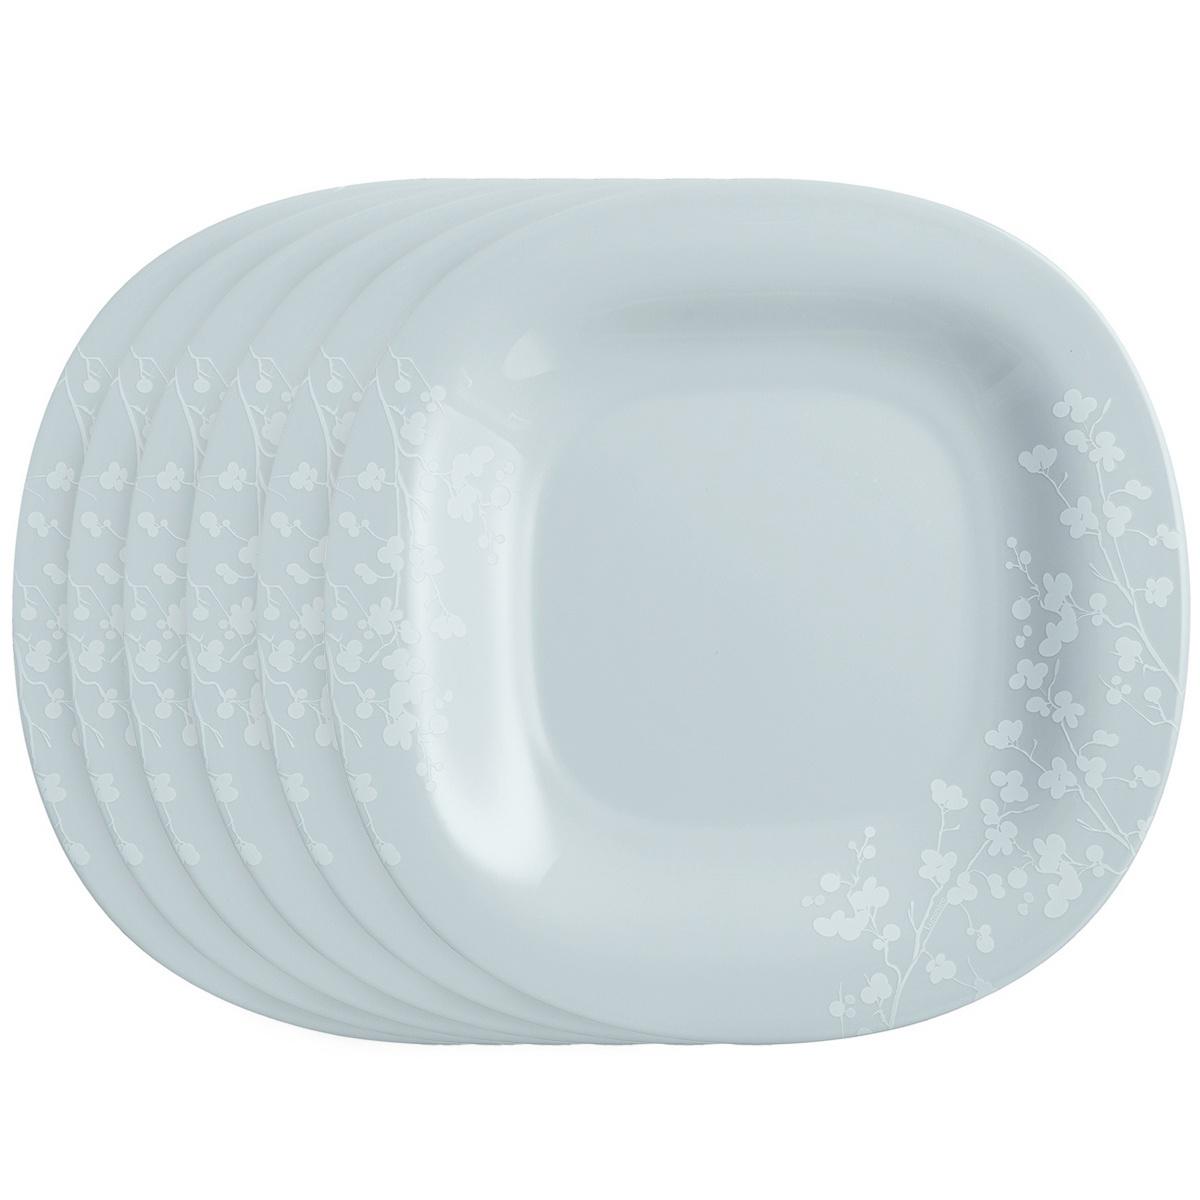 Luminarc Sada dezertních talířů Ombrelle 19 cm, 6 ks, šedá